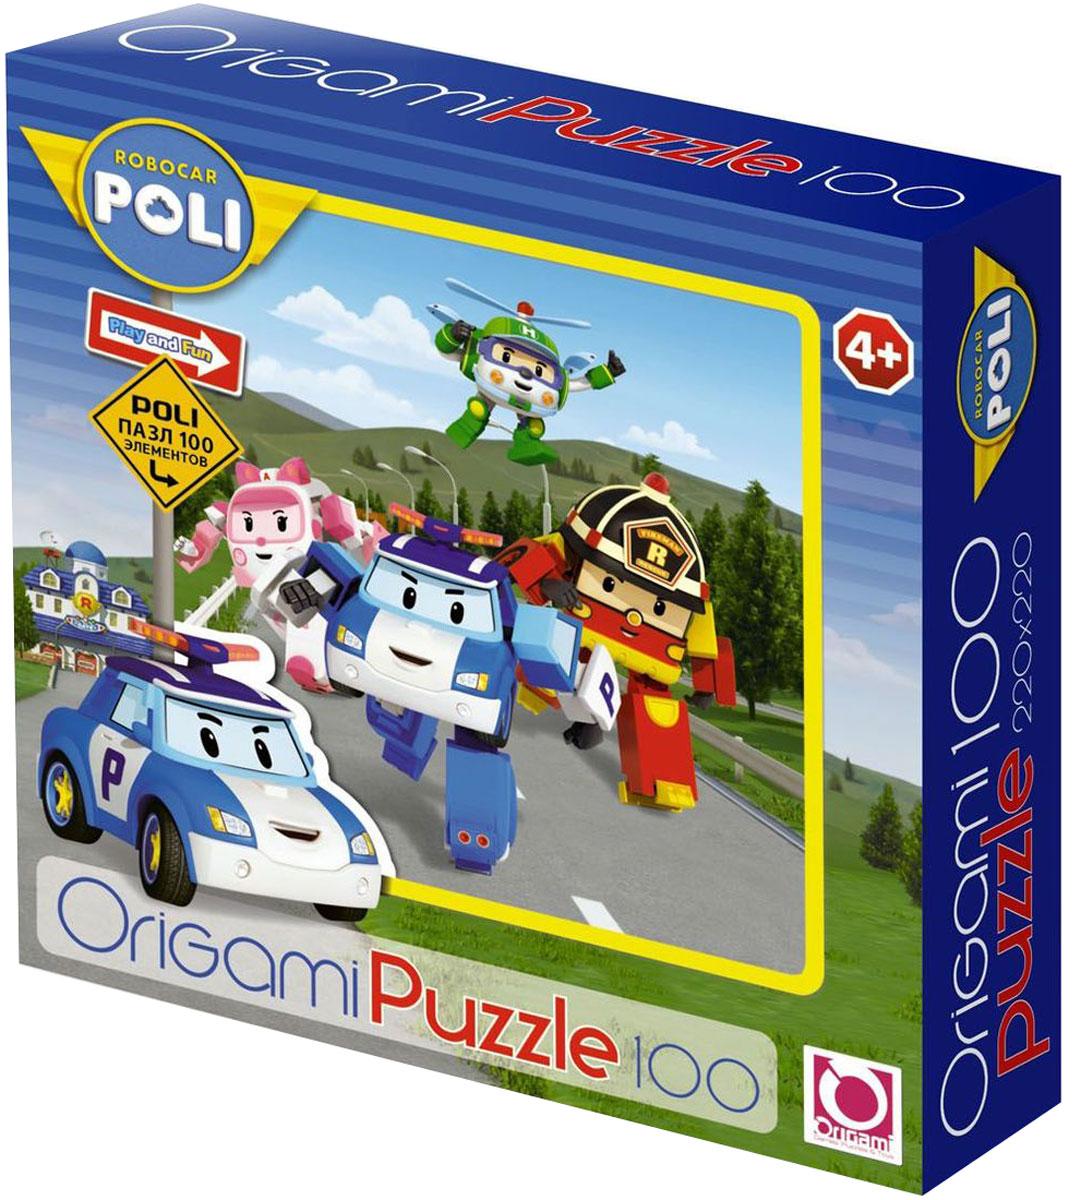 Оригами Пазл Robocar 05900